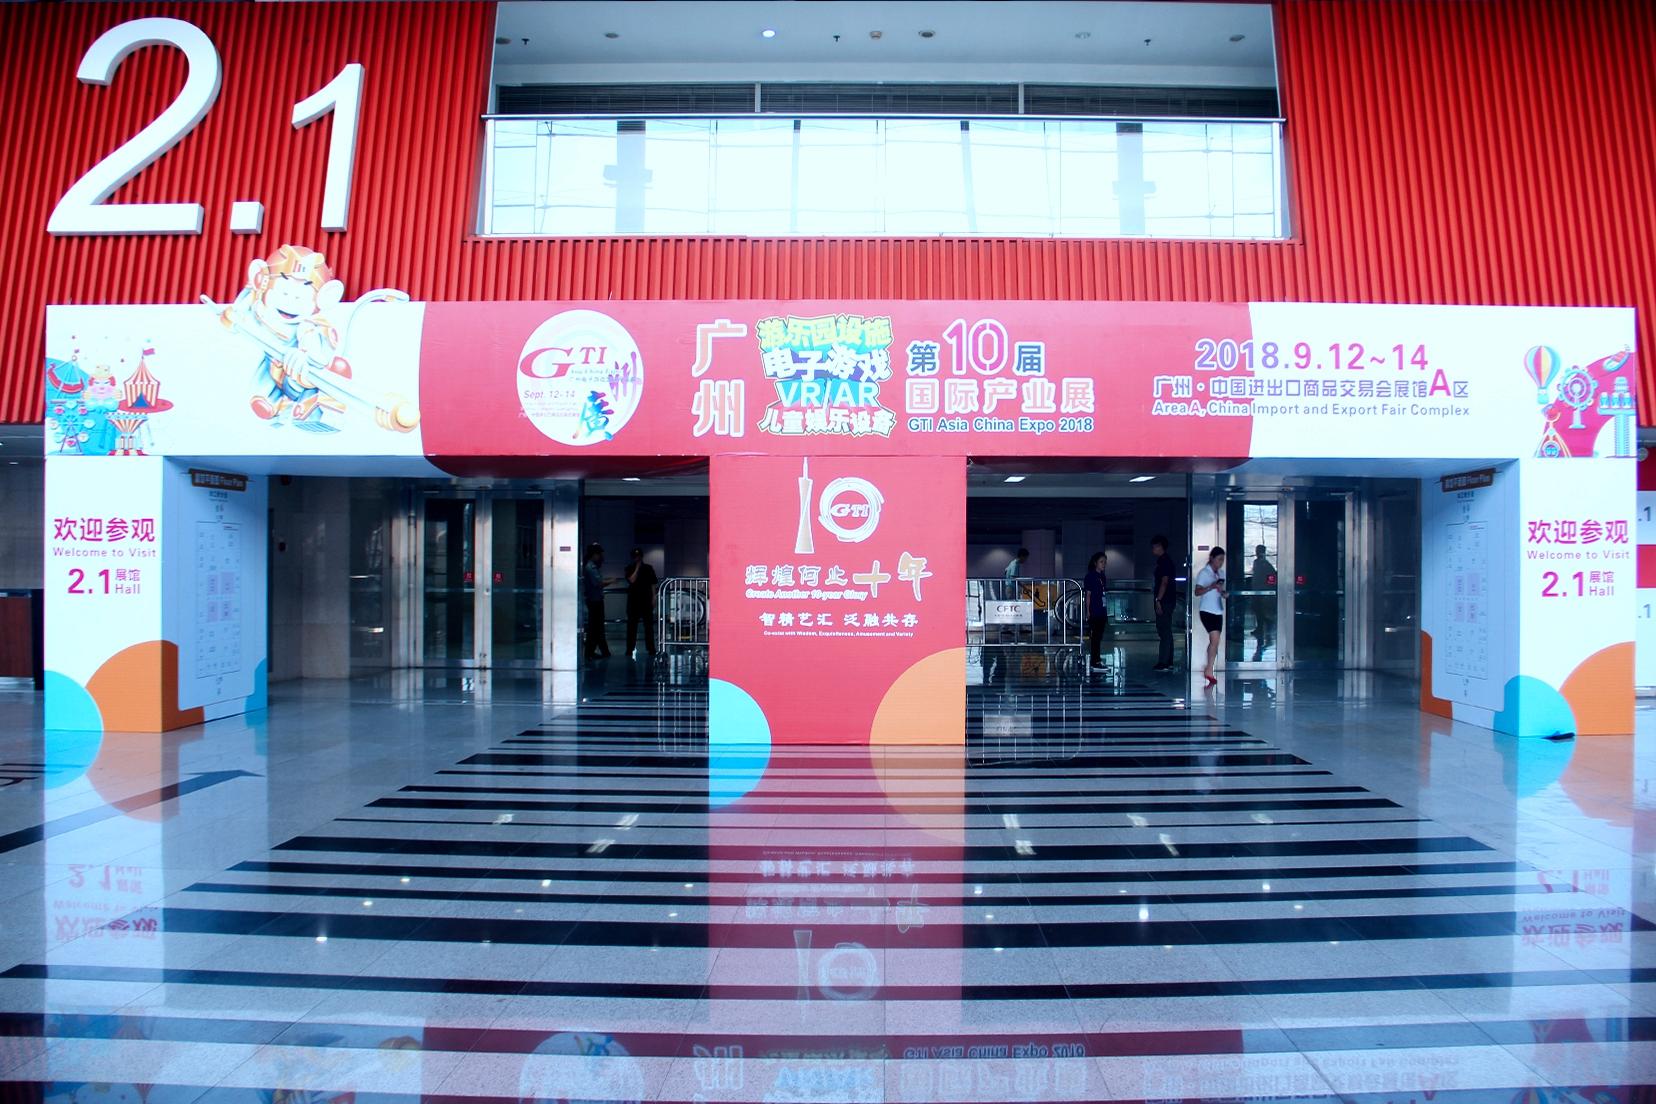 第十届广州电子游戏国际产业展(2.1馆)